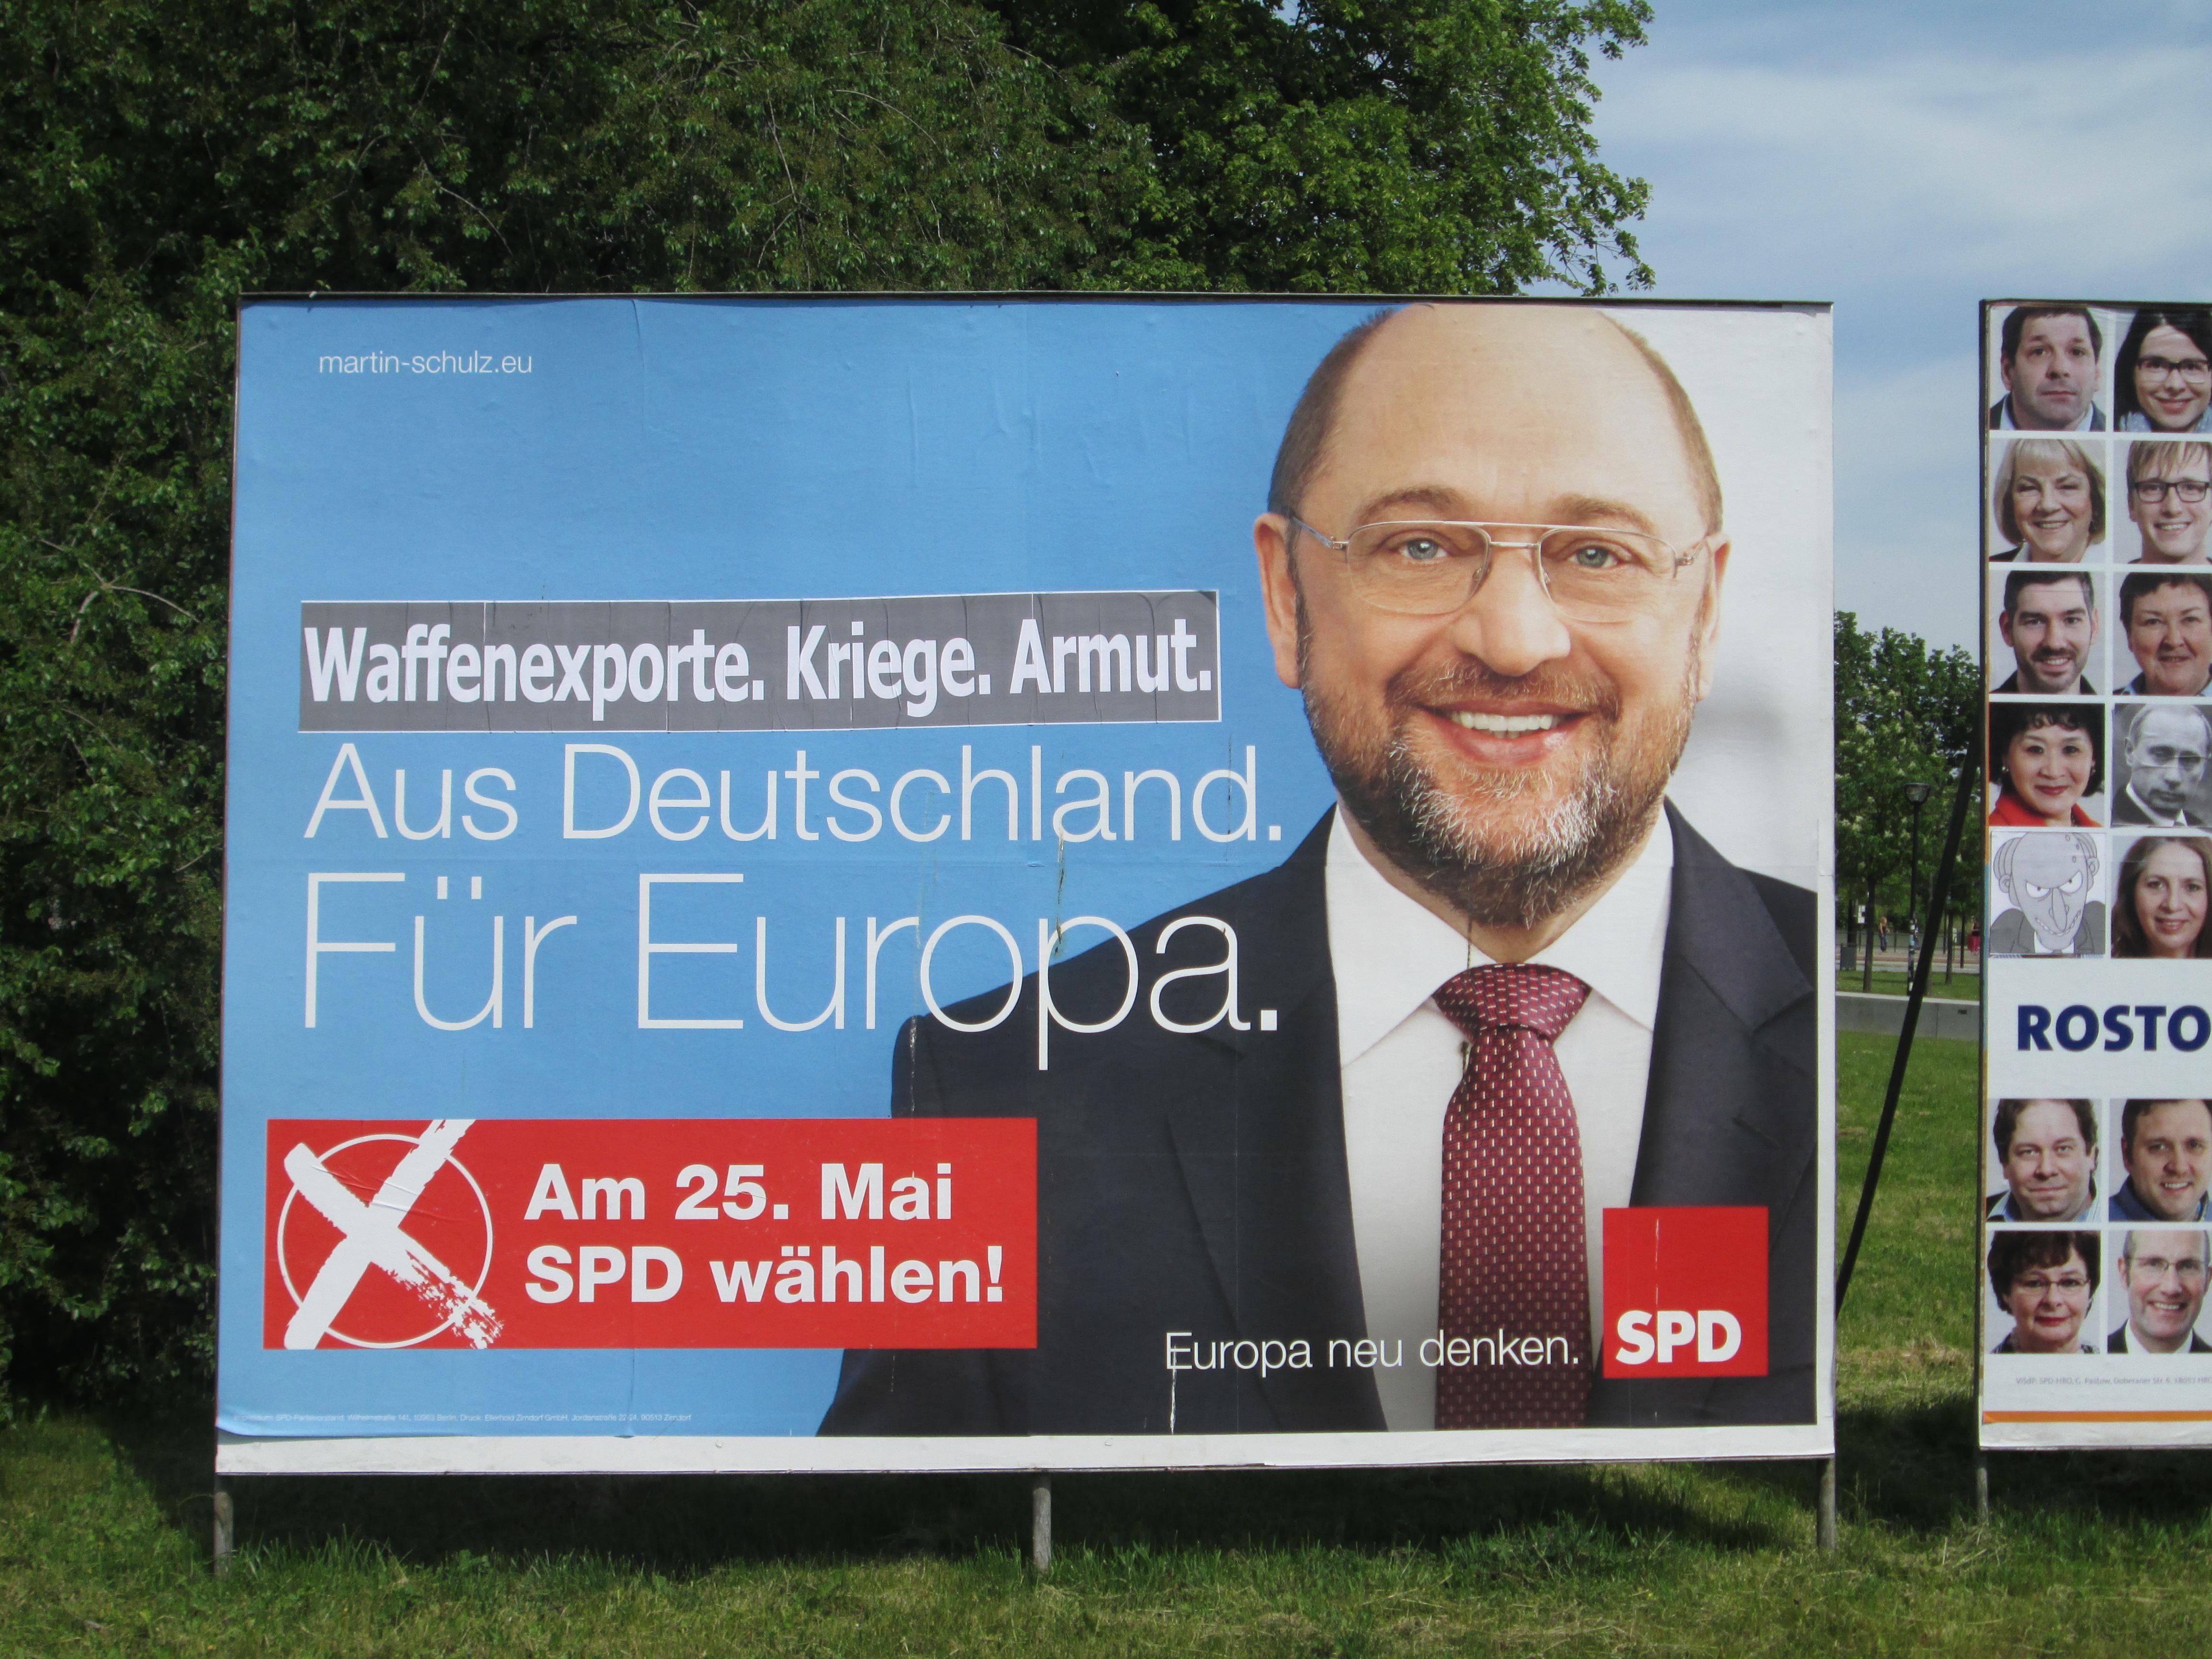 SPD-Adbusting in Rostock zur Europawahl 2014